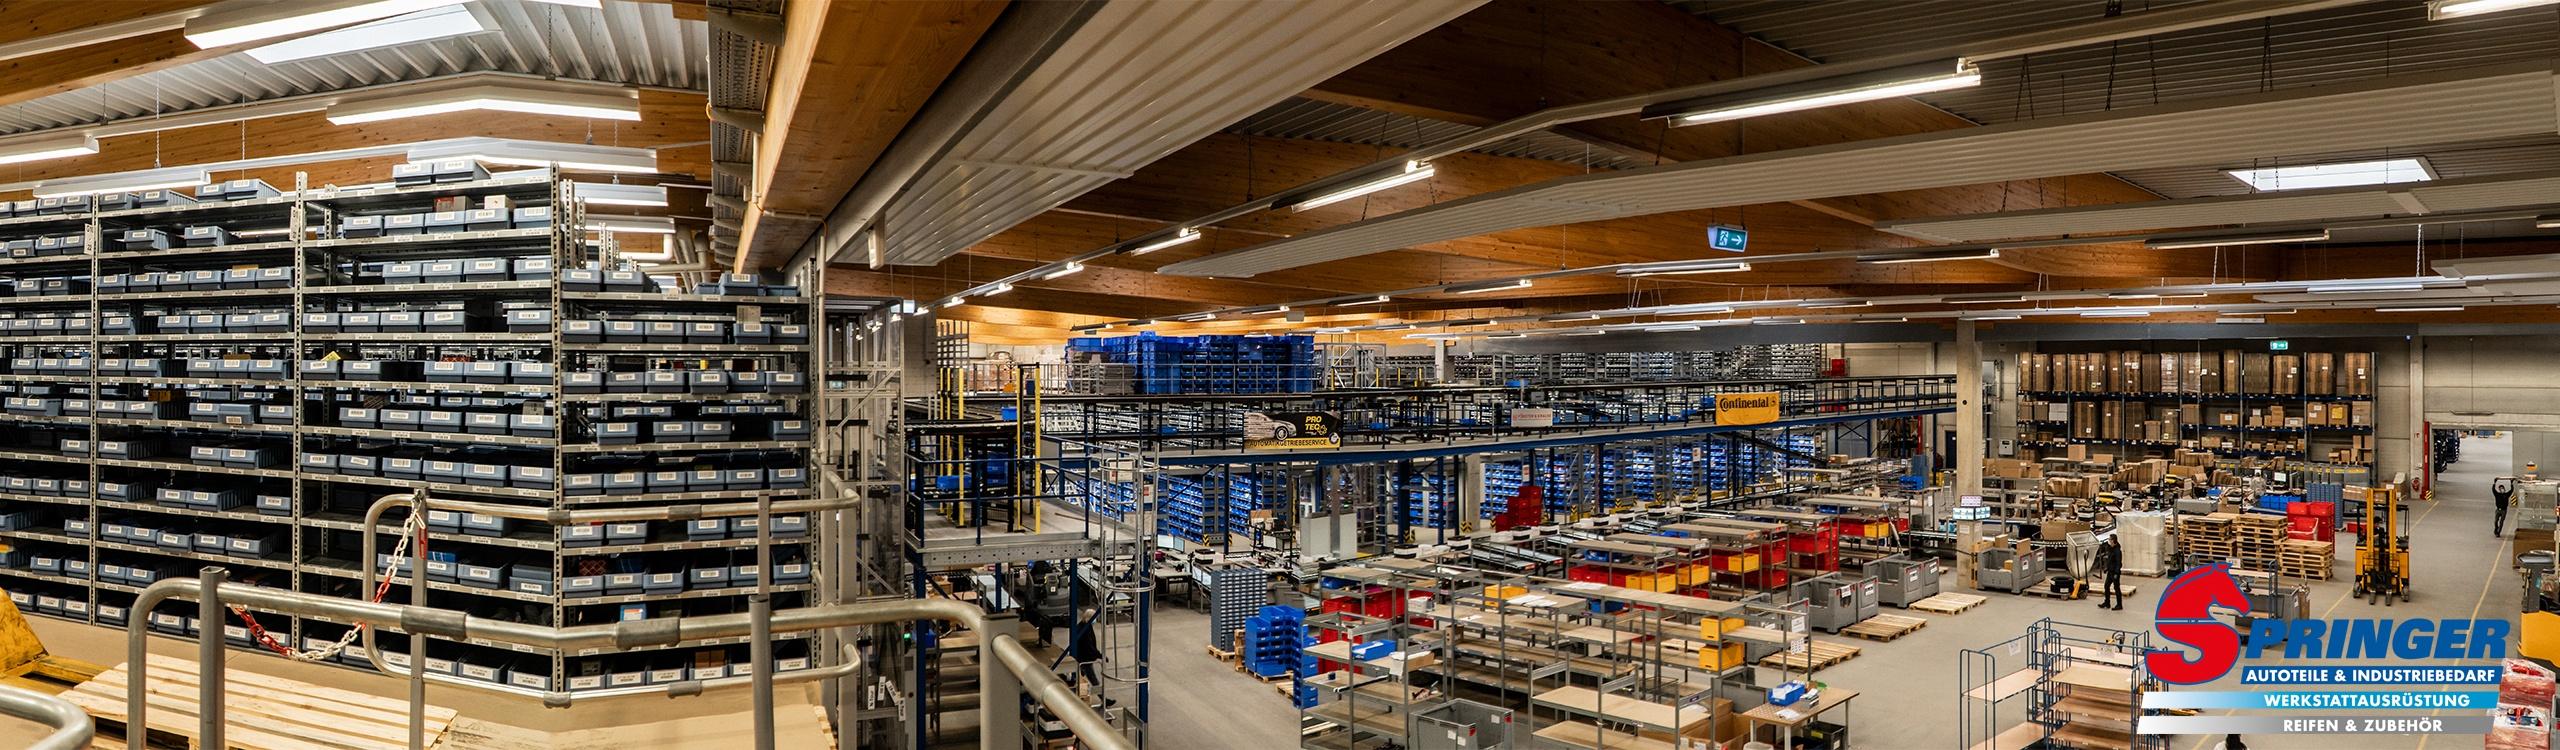 Industriefotograf Bremen Linus Klose Photography Werbefotograf Corporate Fotograf Hellmut Springer